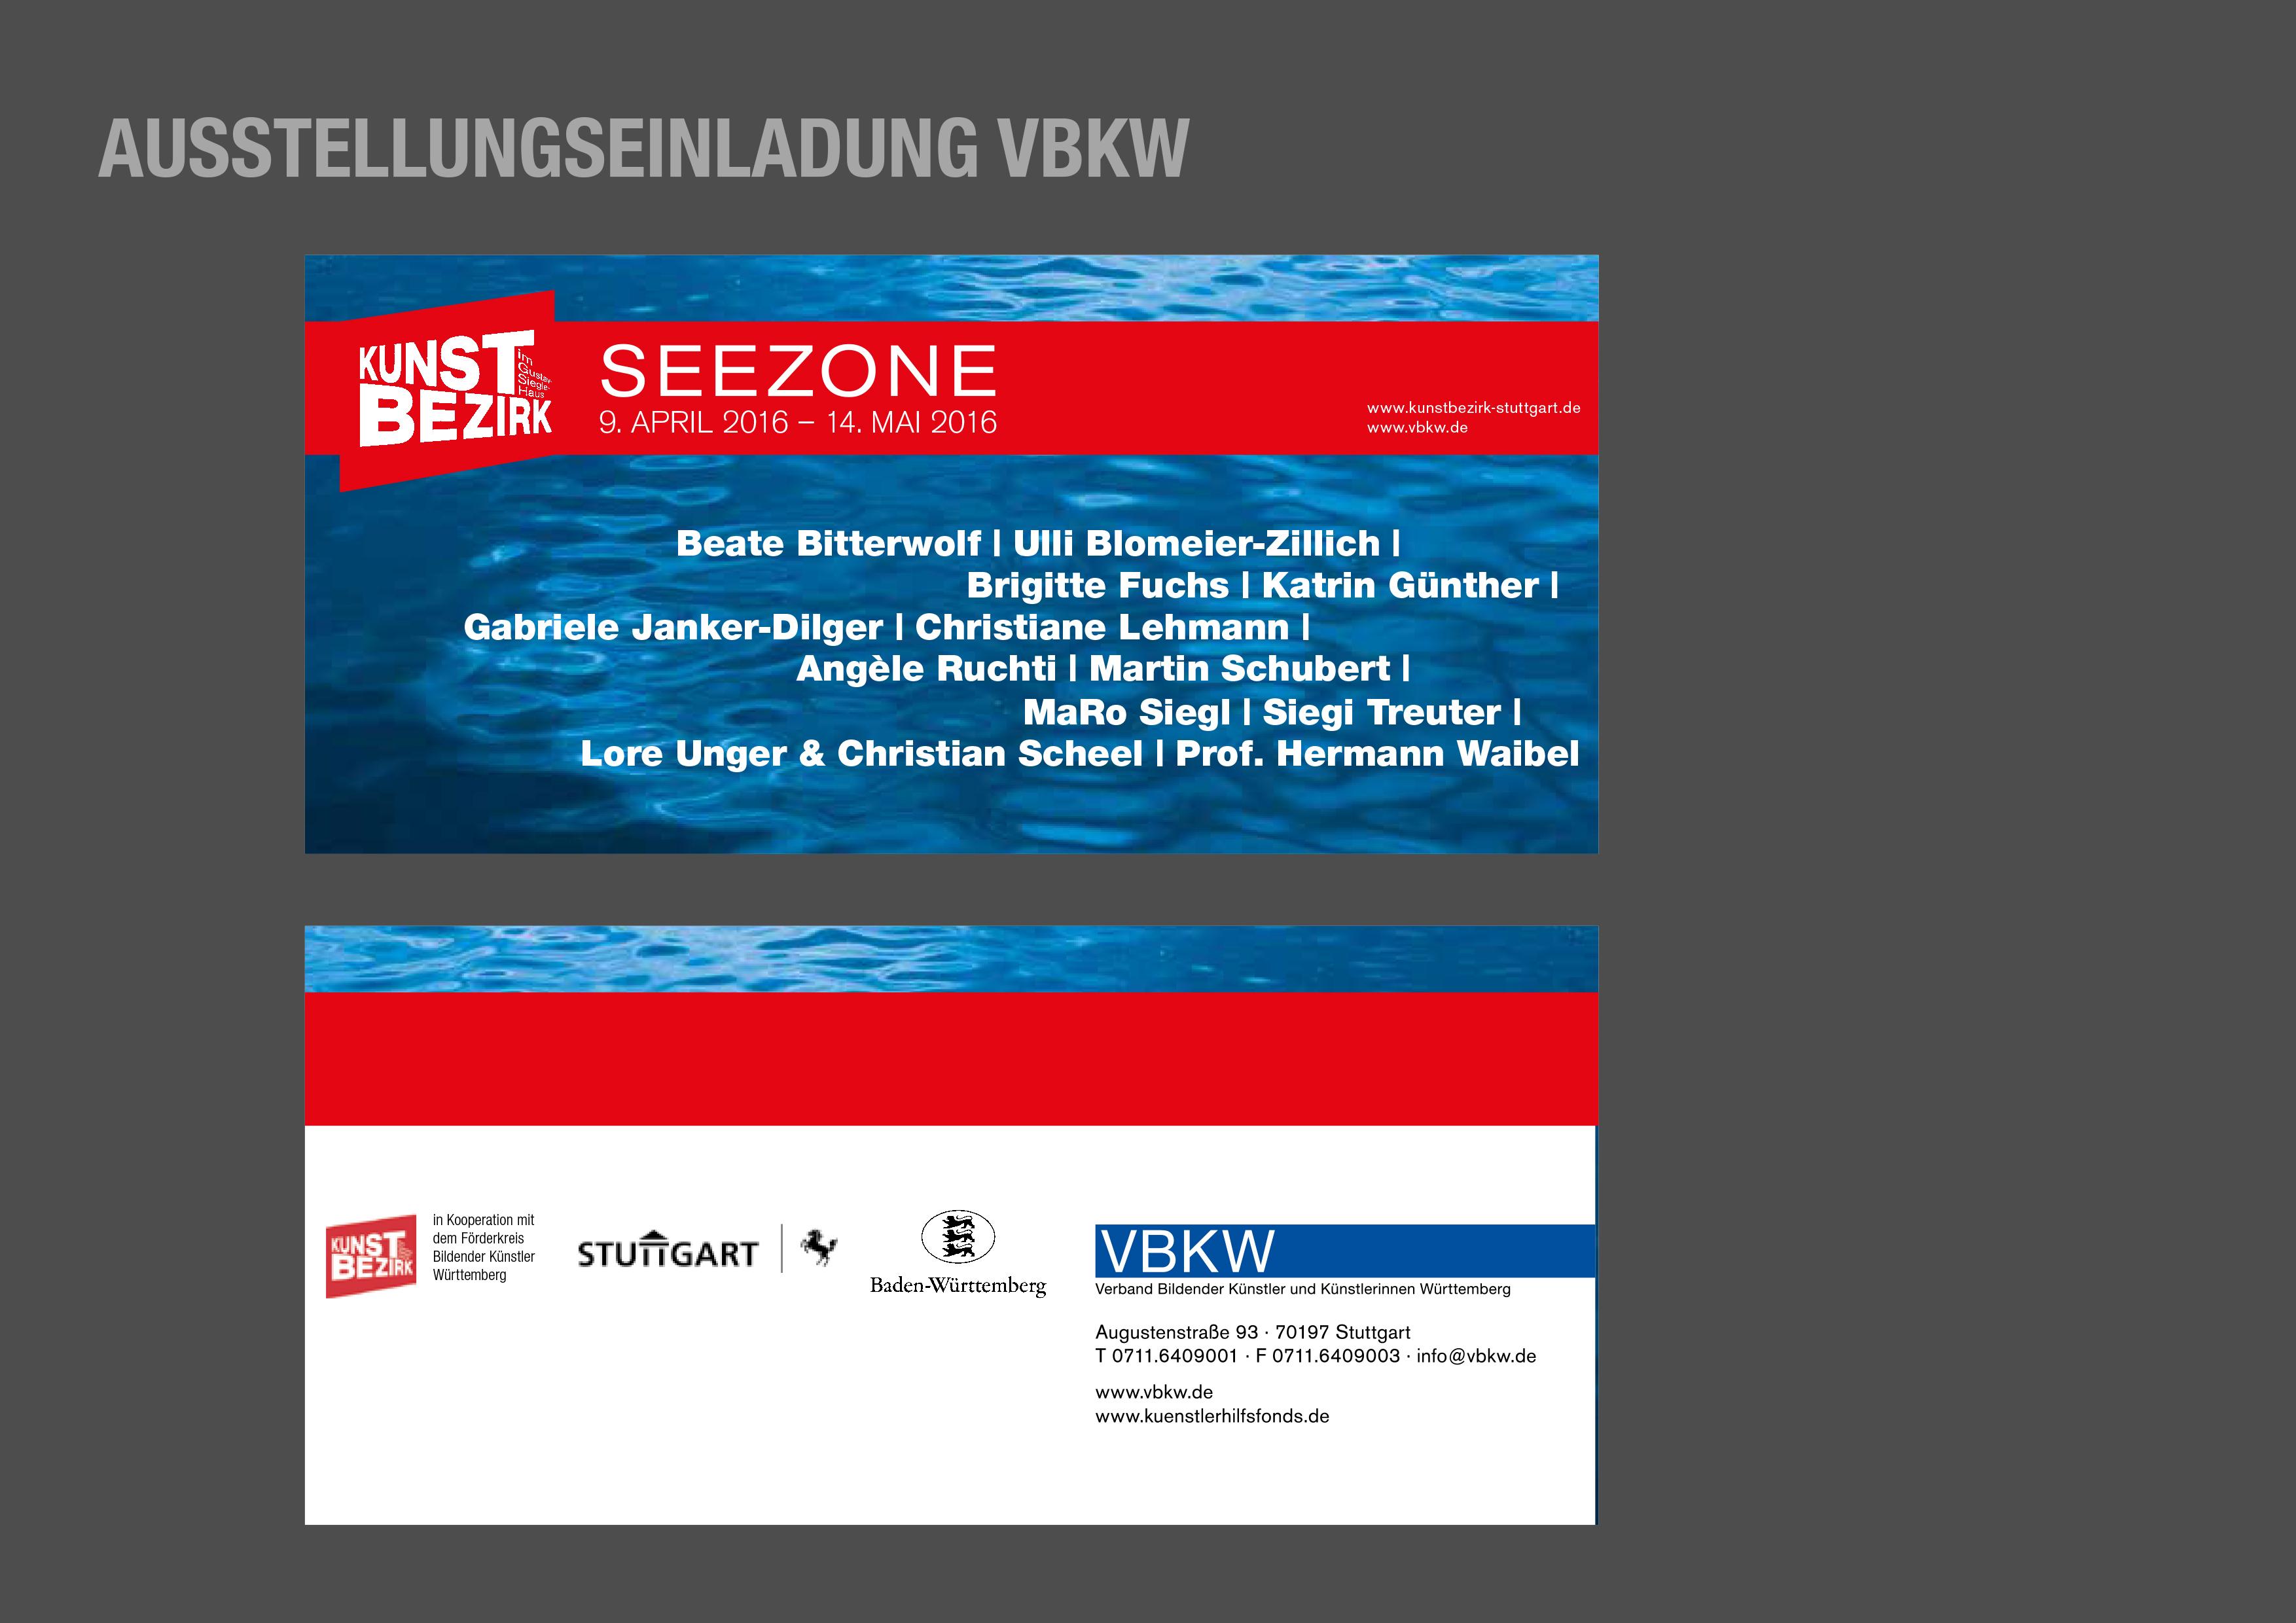 Ausstellungseinladung VBKW